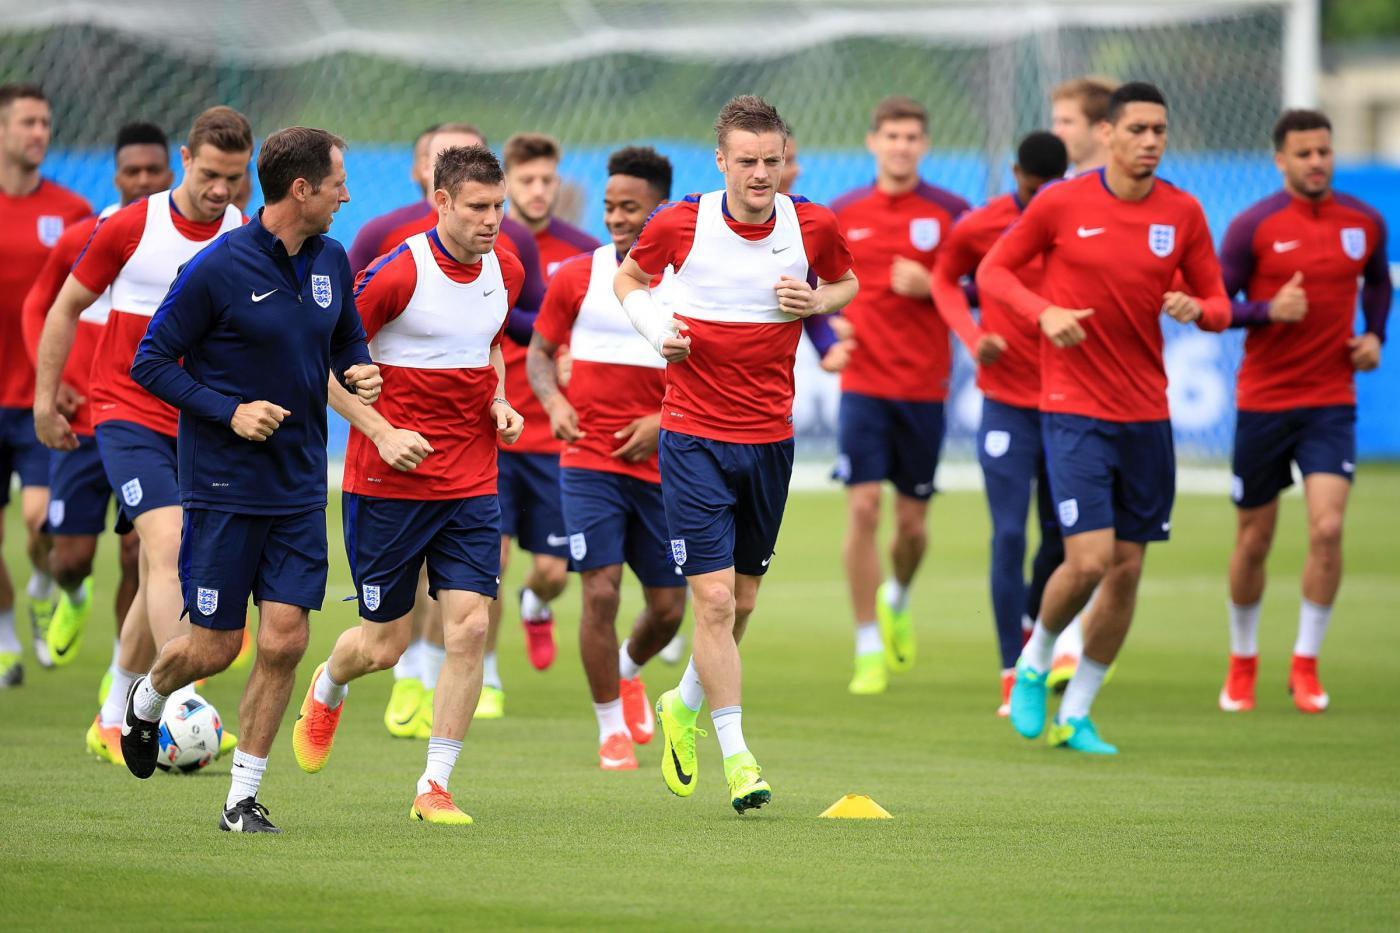 Euro 2016 : allenamento della nazionale inglese a Chantilly